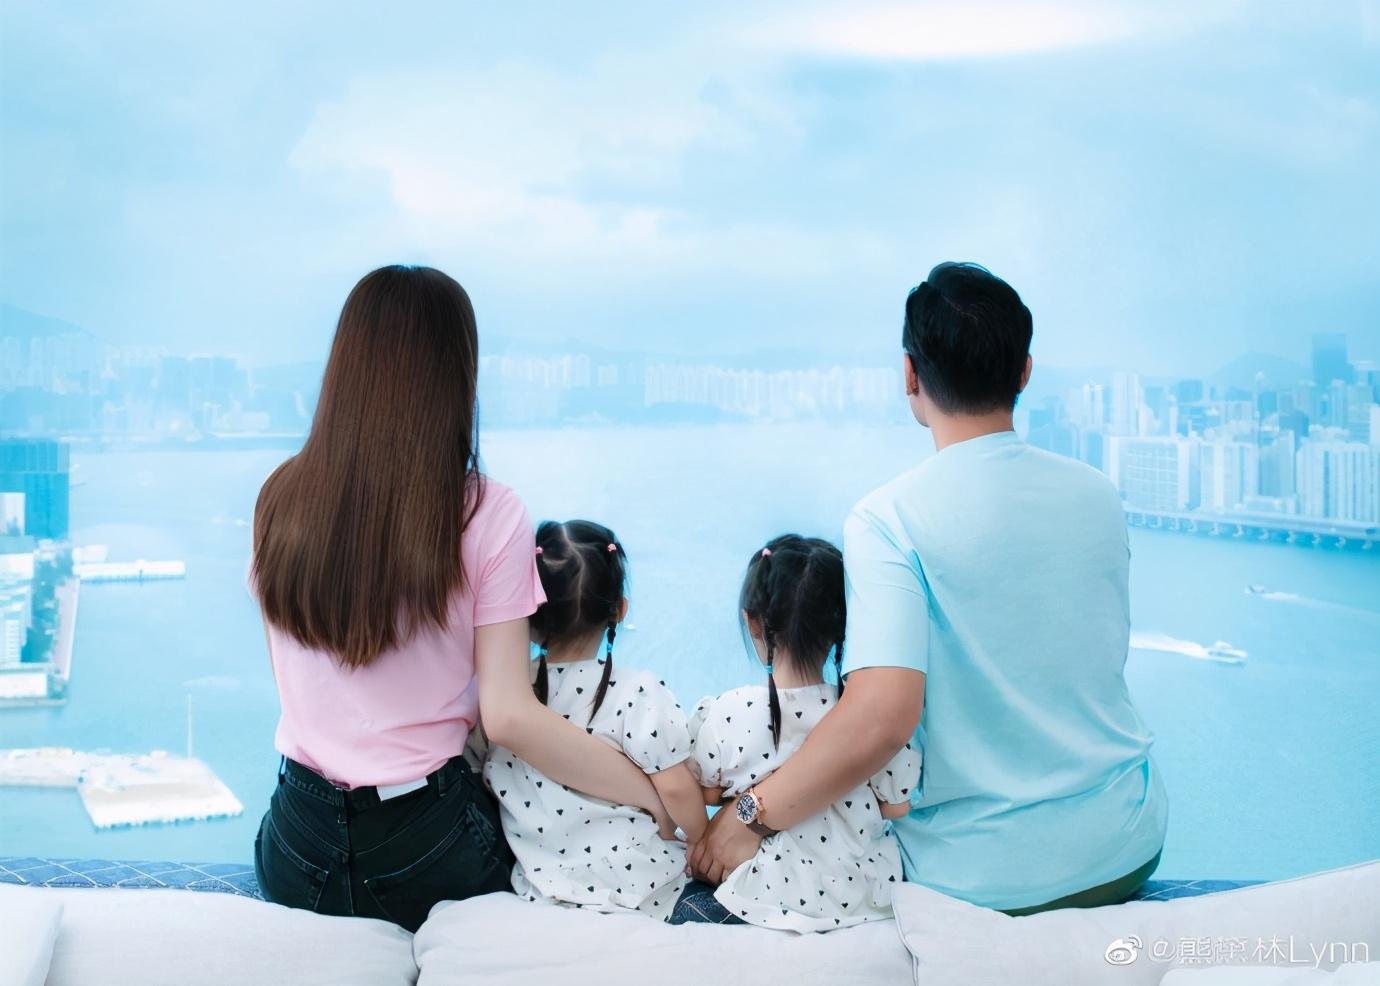 熊黛林郭可頌結婚四年,懷抱雙胞胎女兒畫面有愛,甜蜜互動表思念